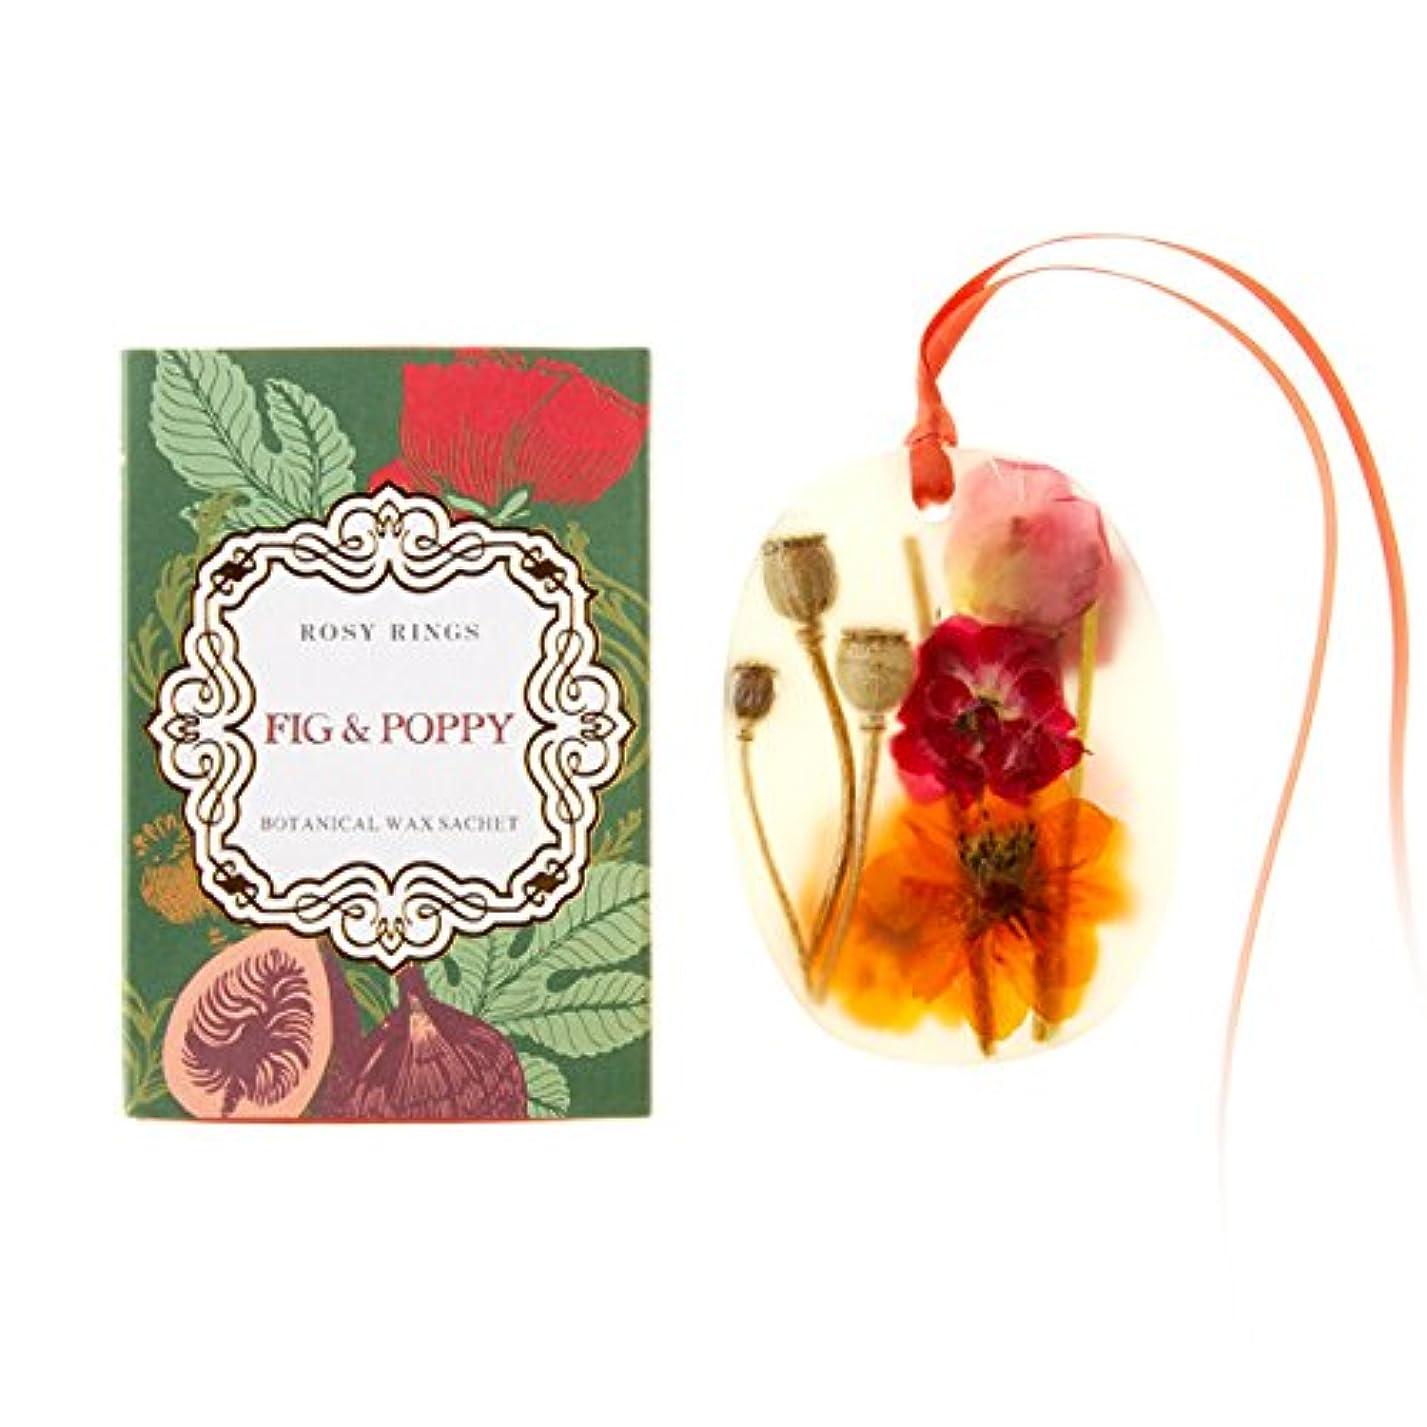 冗談で可塑性メキシコロージーリングス プティボタニカルサシェ フィグ&ポピー ROSY RINGS Petite Oval Botanical Wax Sachet Fig & Poppy